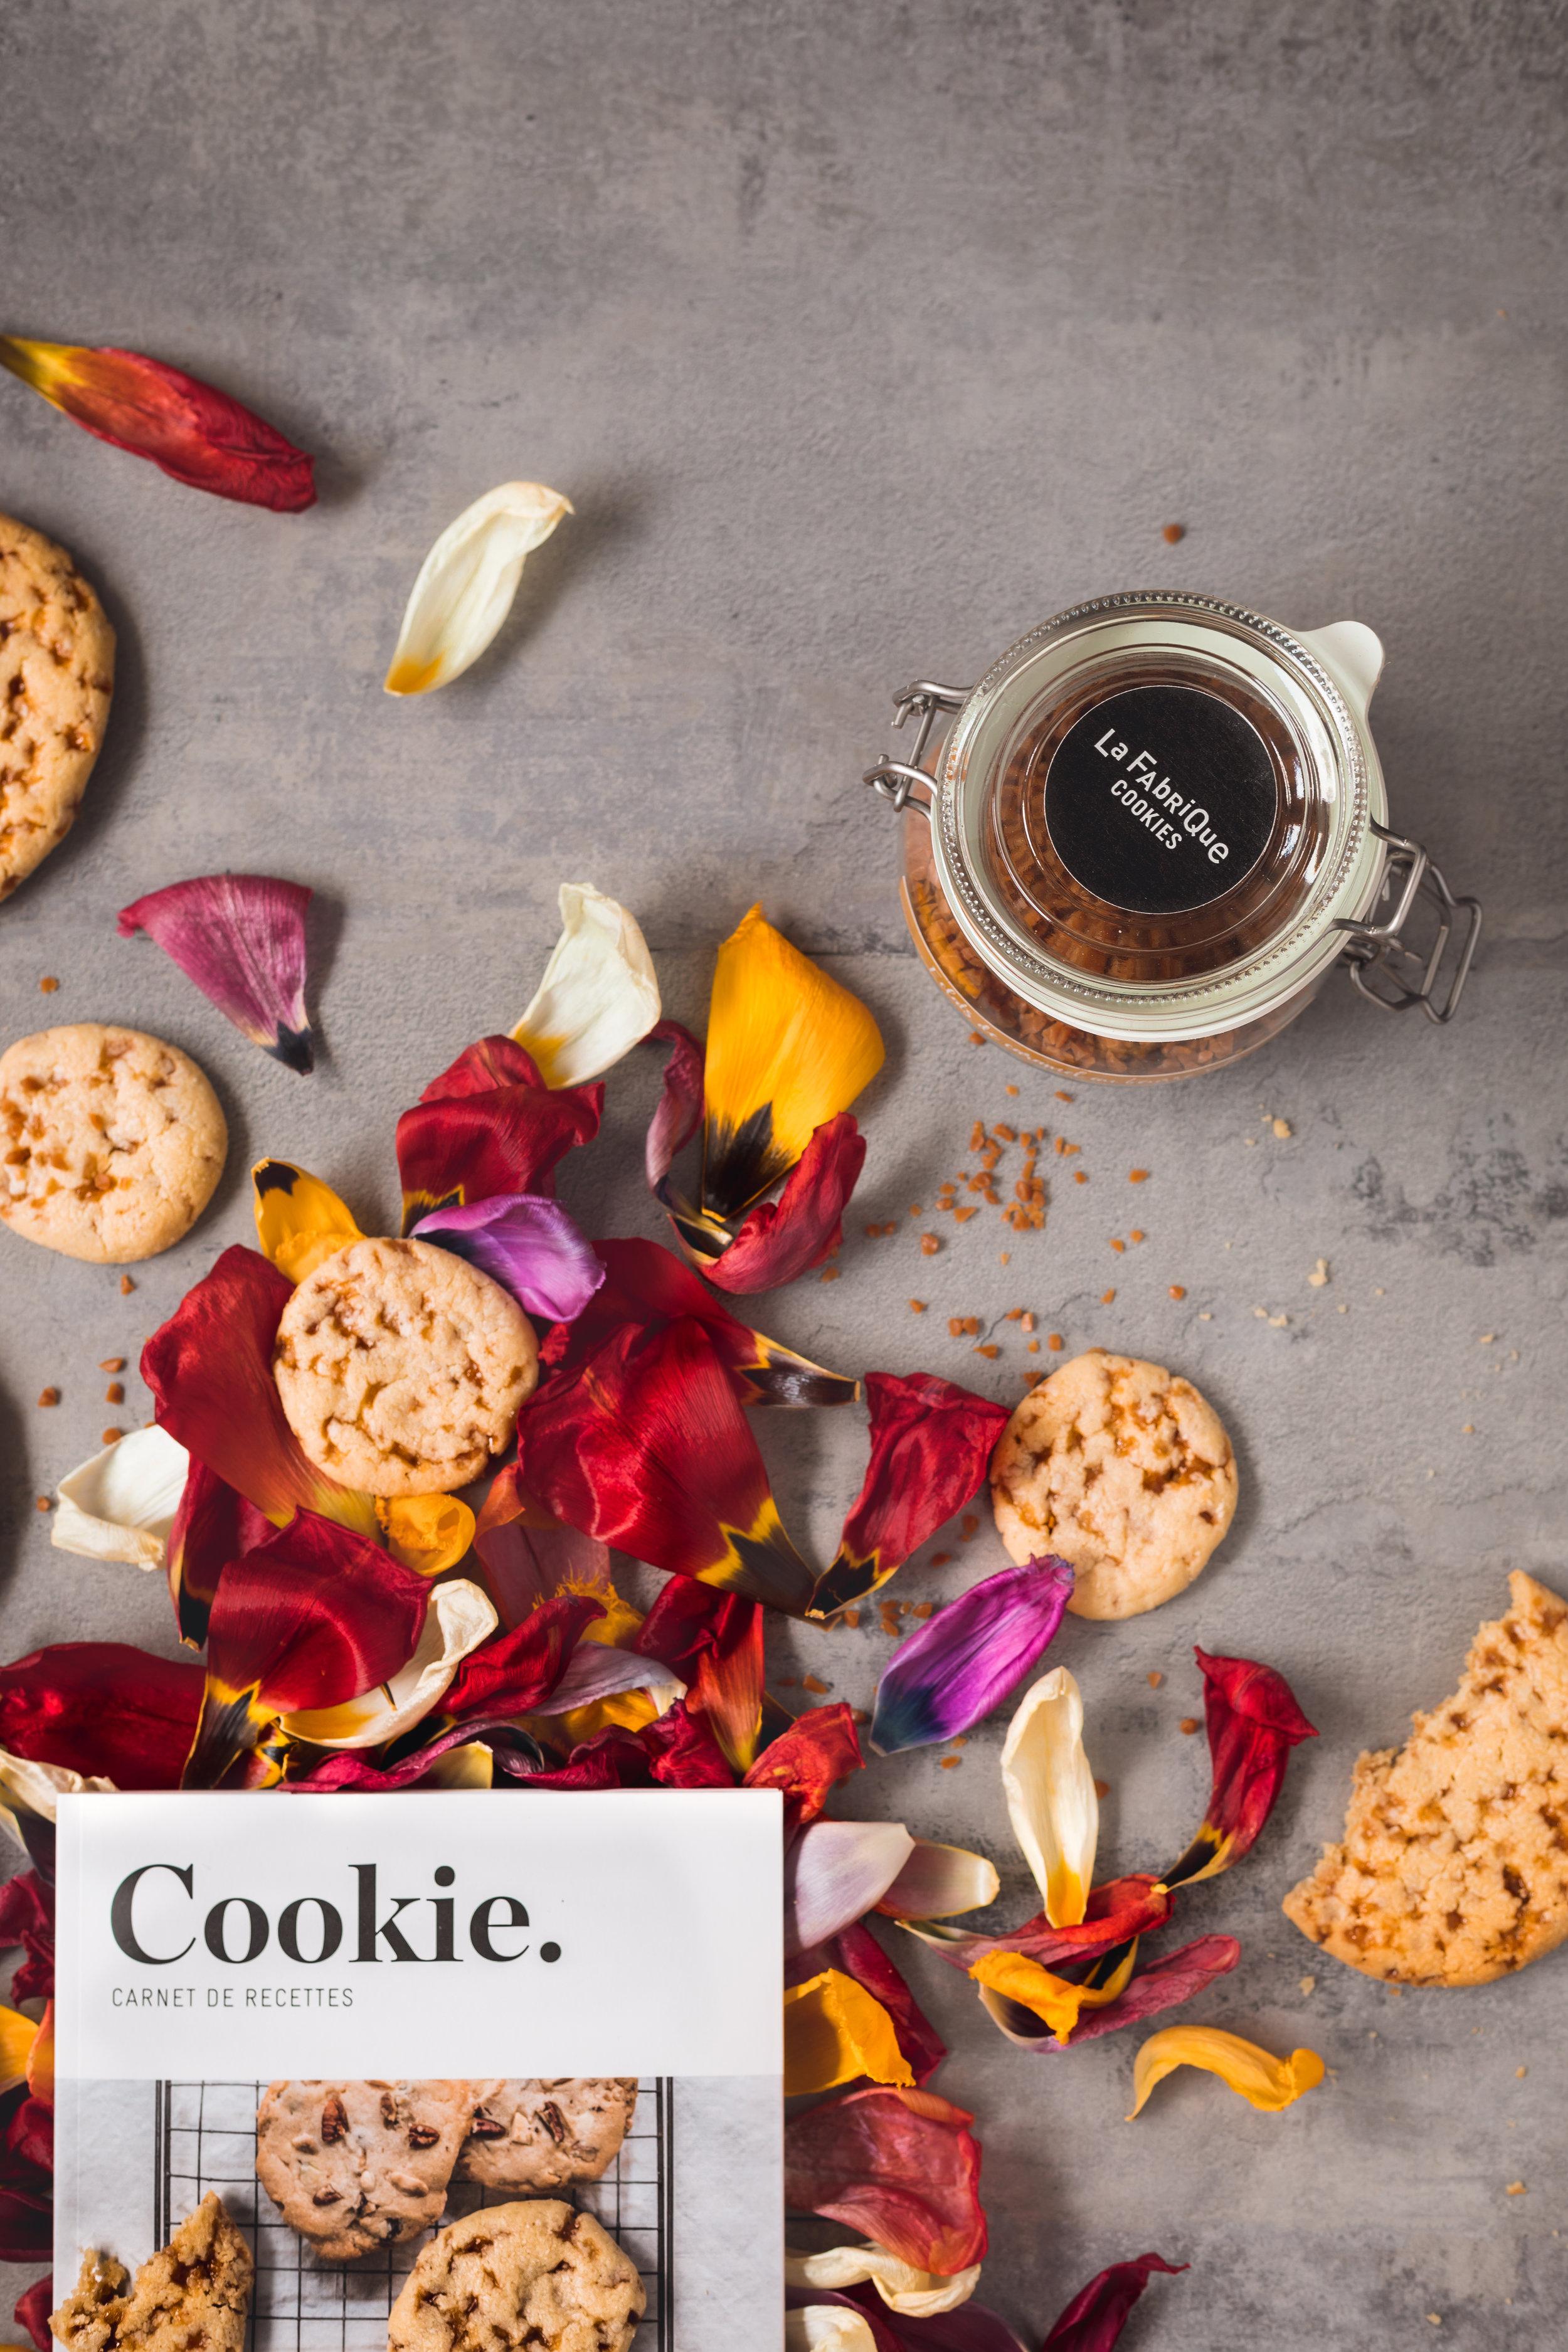 Cookie : carnet de recettes et éclats de caramel en bocal - La Fabrique cookies